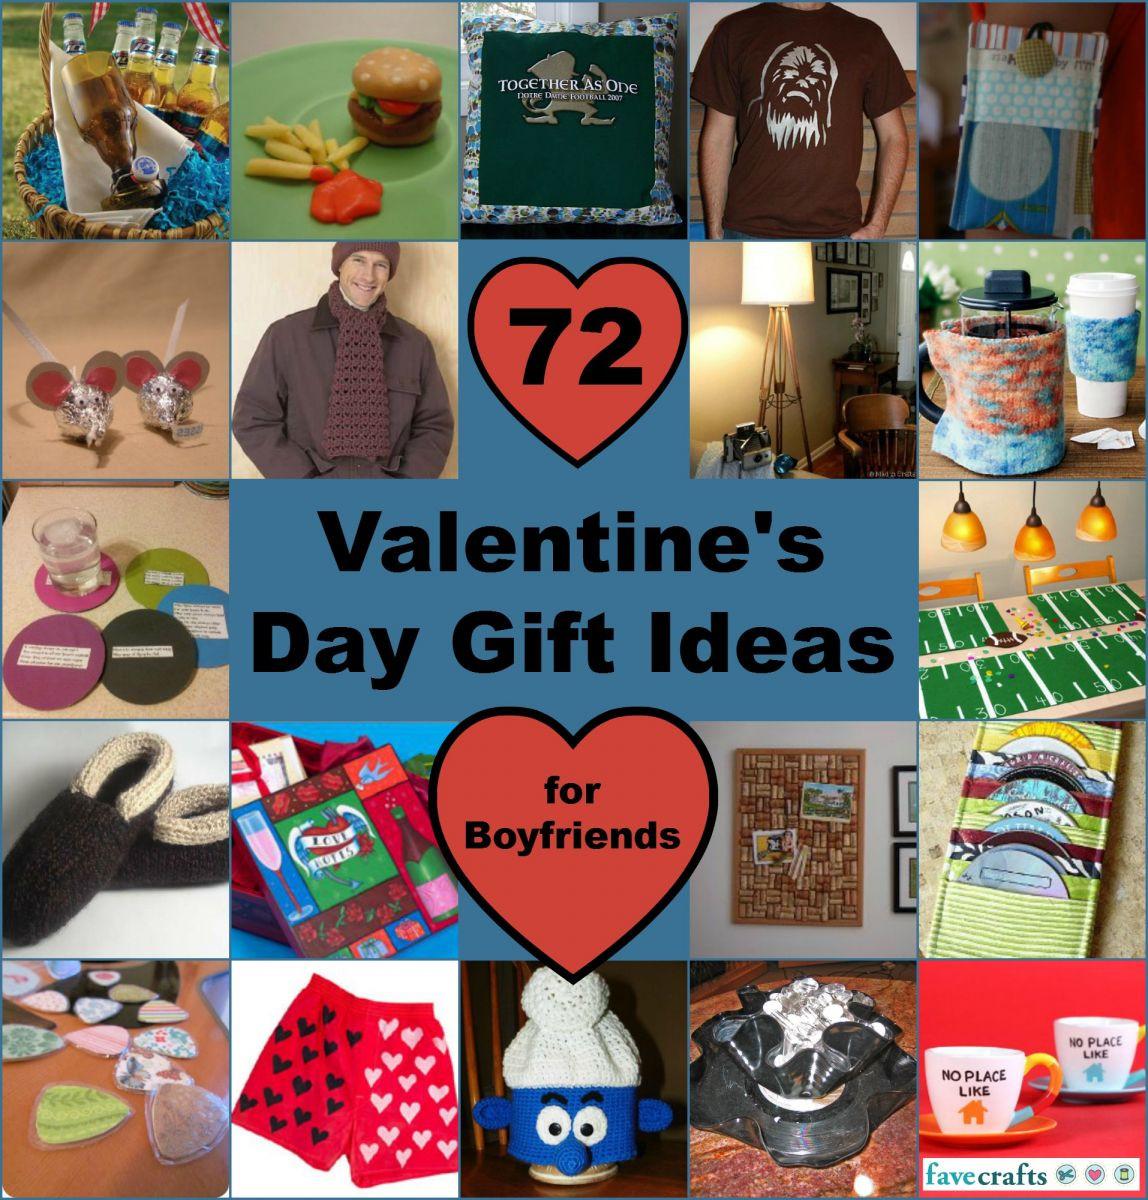 Best ideas about Valentines Day Boyfriend Gift Ideas . Save or Pin 72 Valentine s Day Ideas for Boyfriend Now.